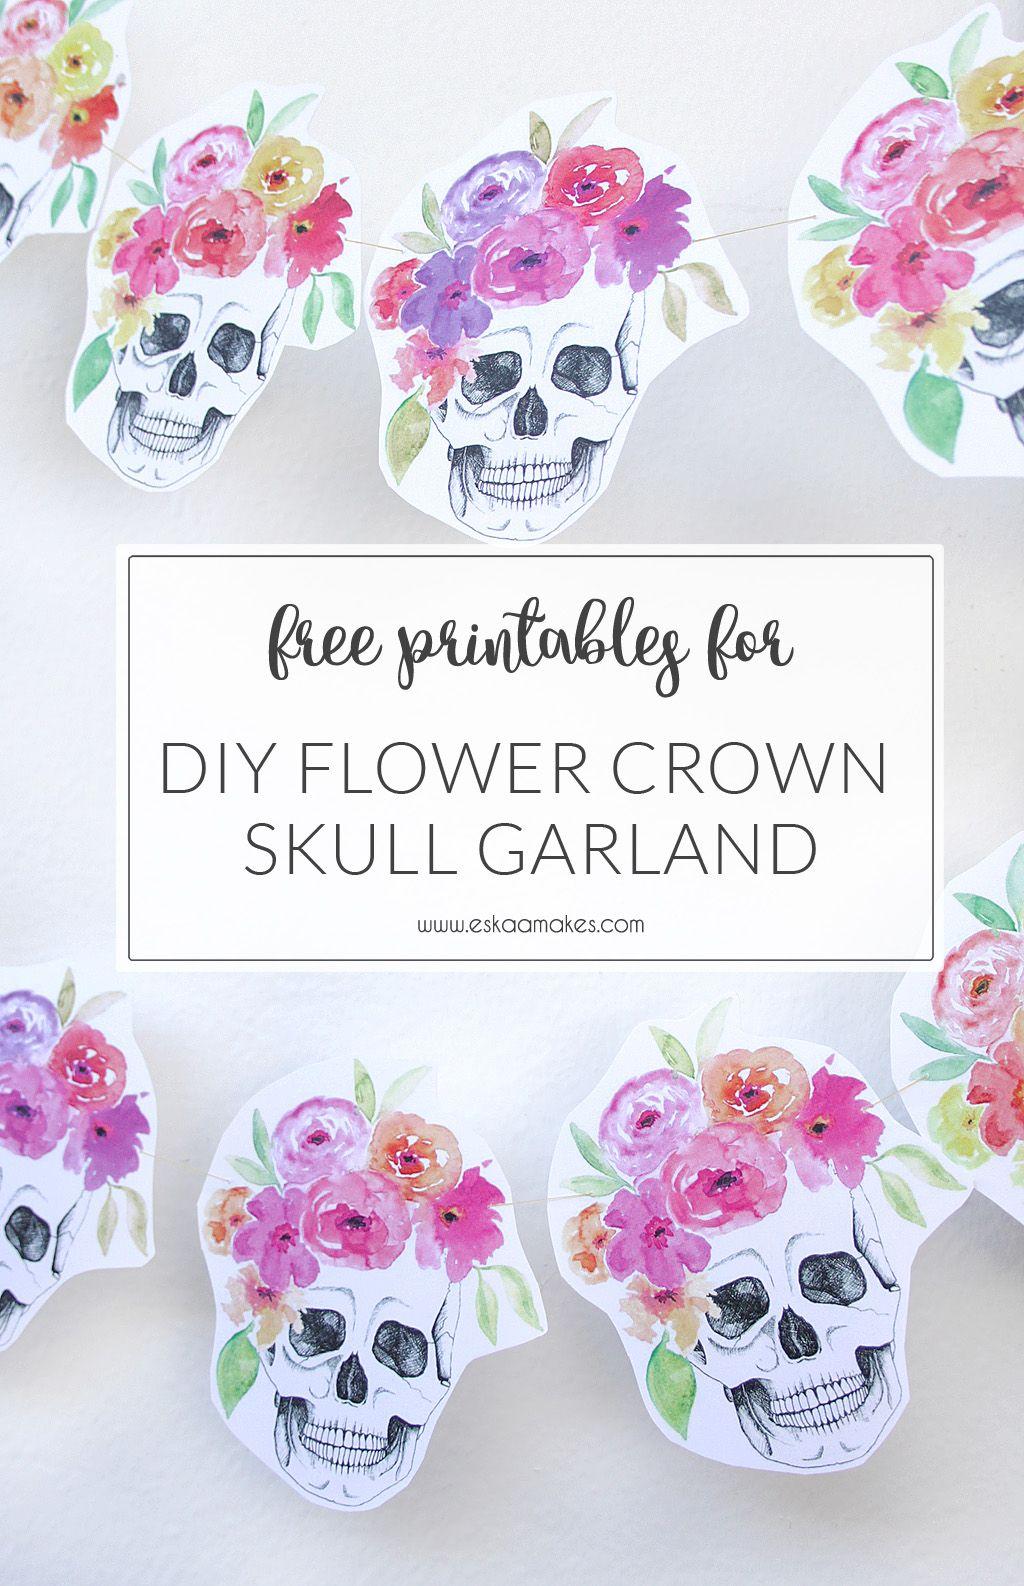 Free printables halloween flower crown skull garland diy flower free printables halloween flower crown skull garland izmirmasajfo Image collections